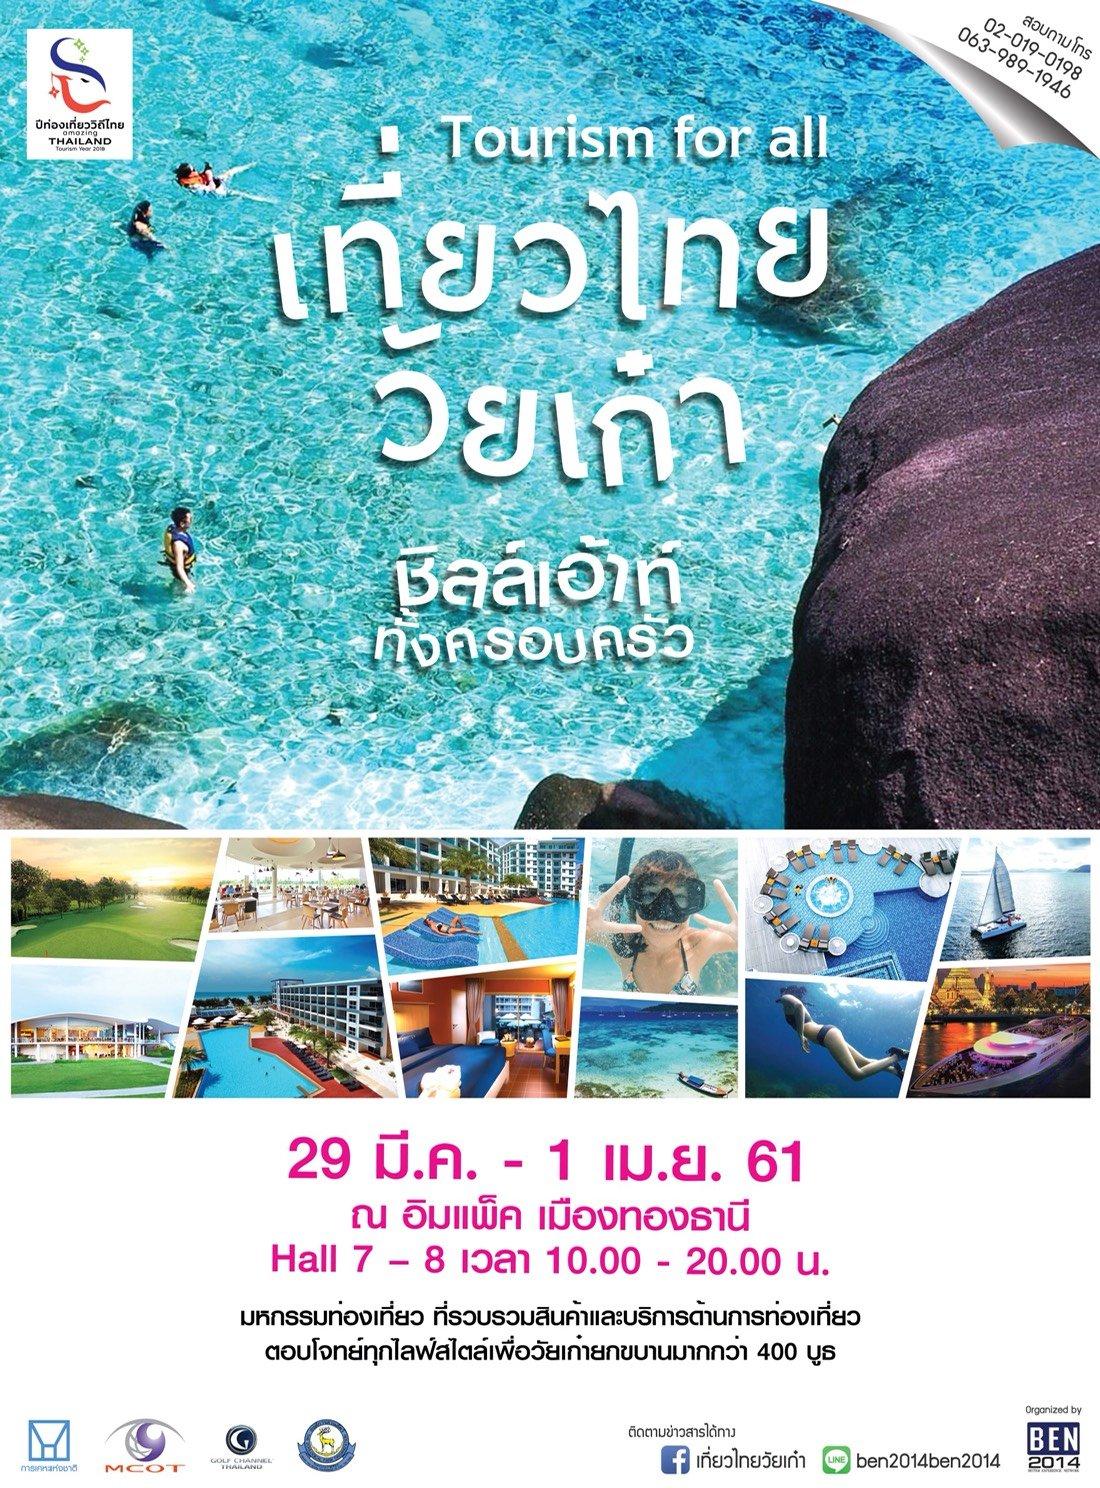 """""""งานเที่ยวไทยวัยเก๋า"""" เปิดโปรแรง แซงทางโค้ง ปีนี้เทียวสบายๆ เจอกัน อิมแพค 29 มีนา ถึง 1 เมษานี้ 2 -"""